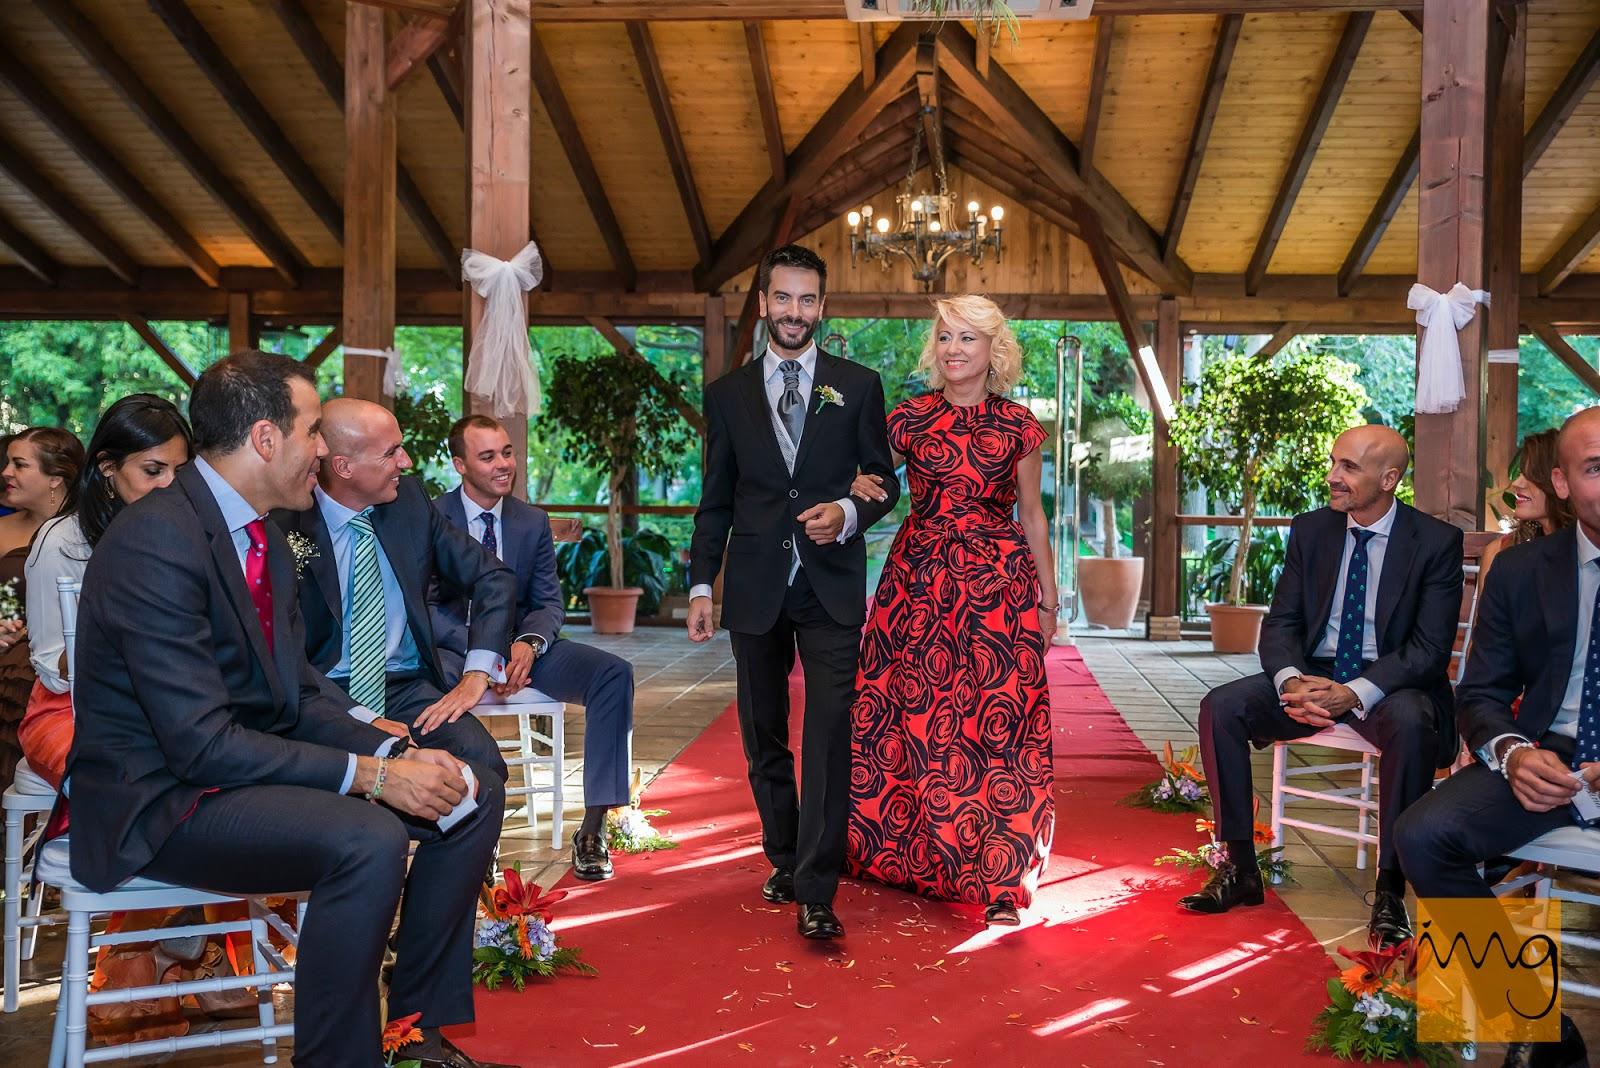 Fotografía de la entrada del novio a la ceremonia